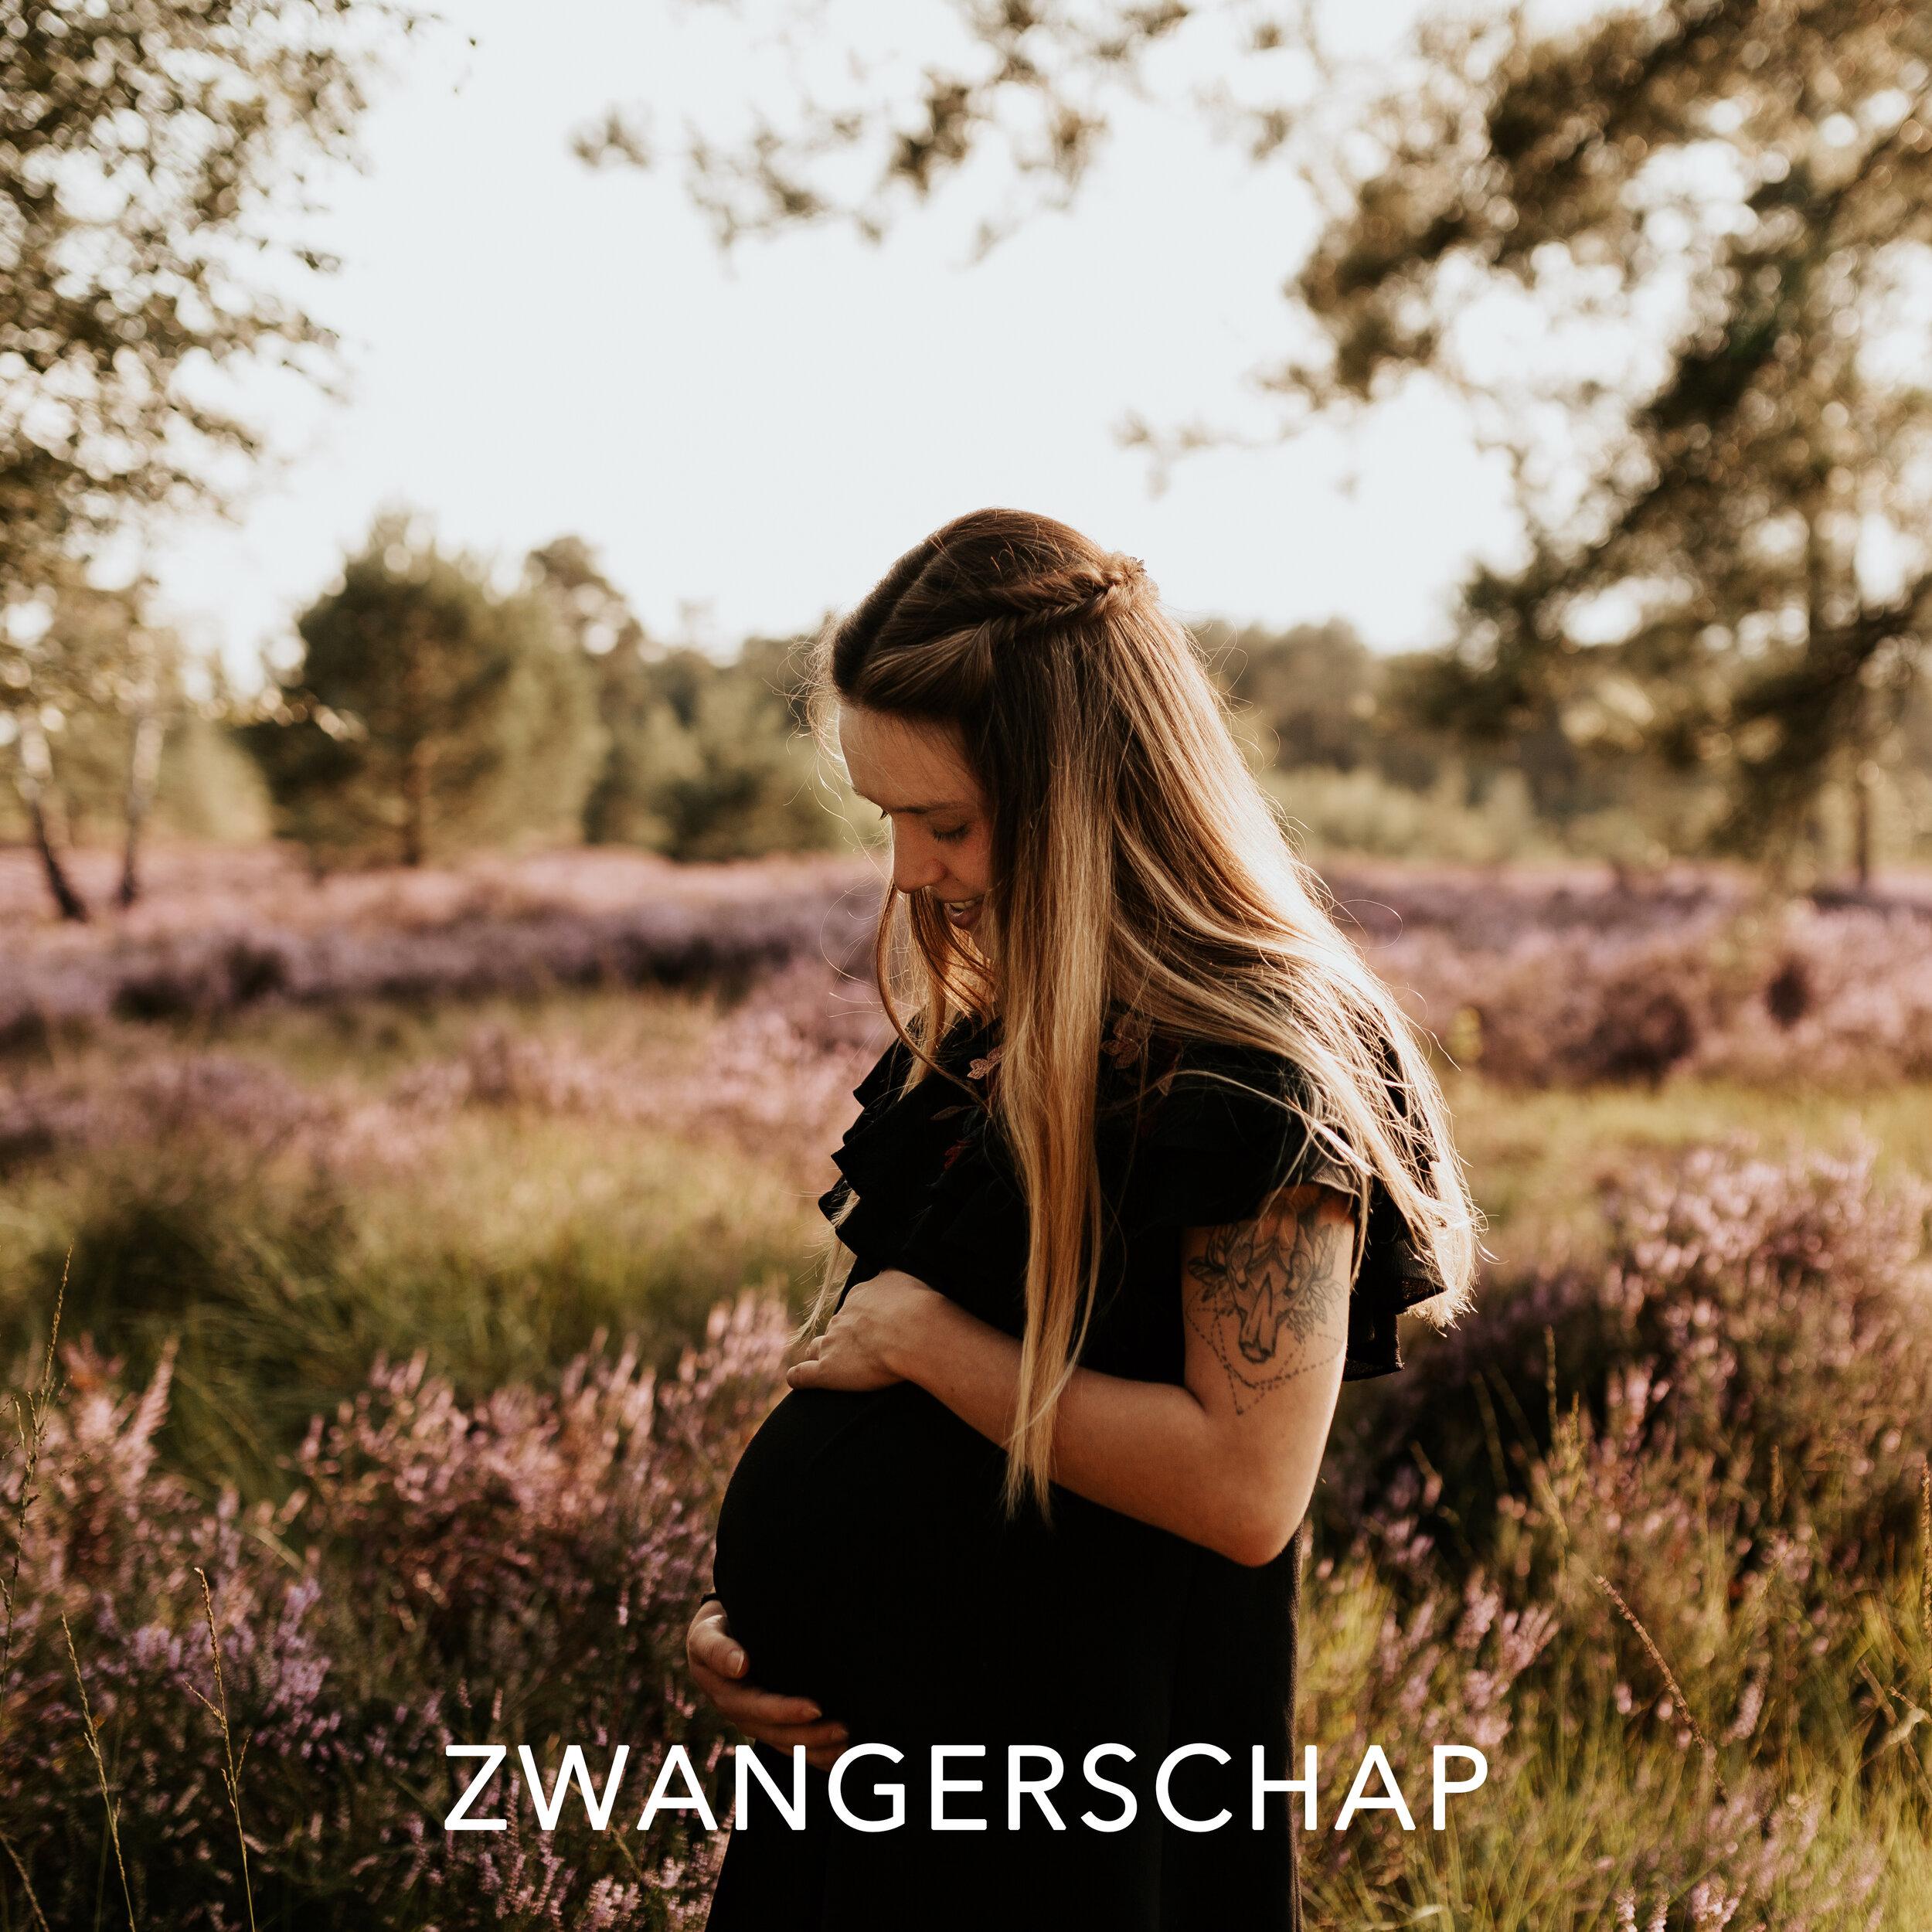 zwangerschapsfotografie-lisa-helsen-photography-herentals-olen-kempen-zwangerschapsfoto